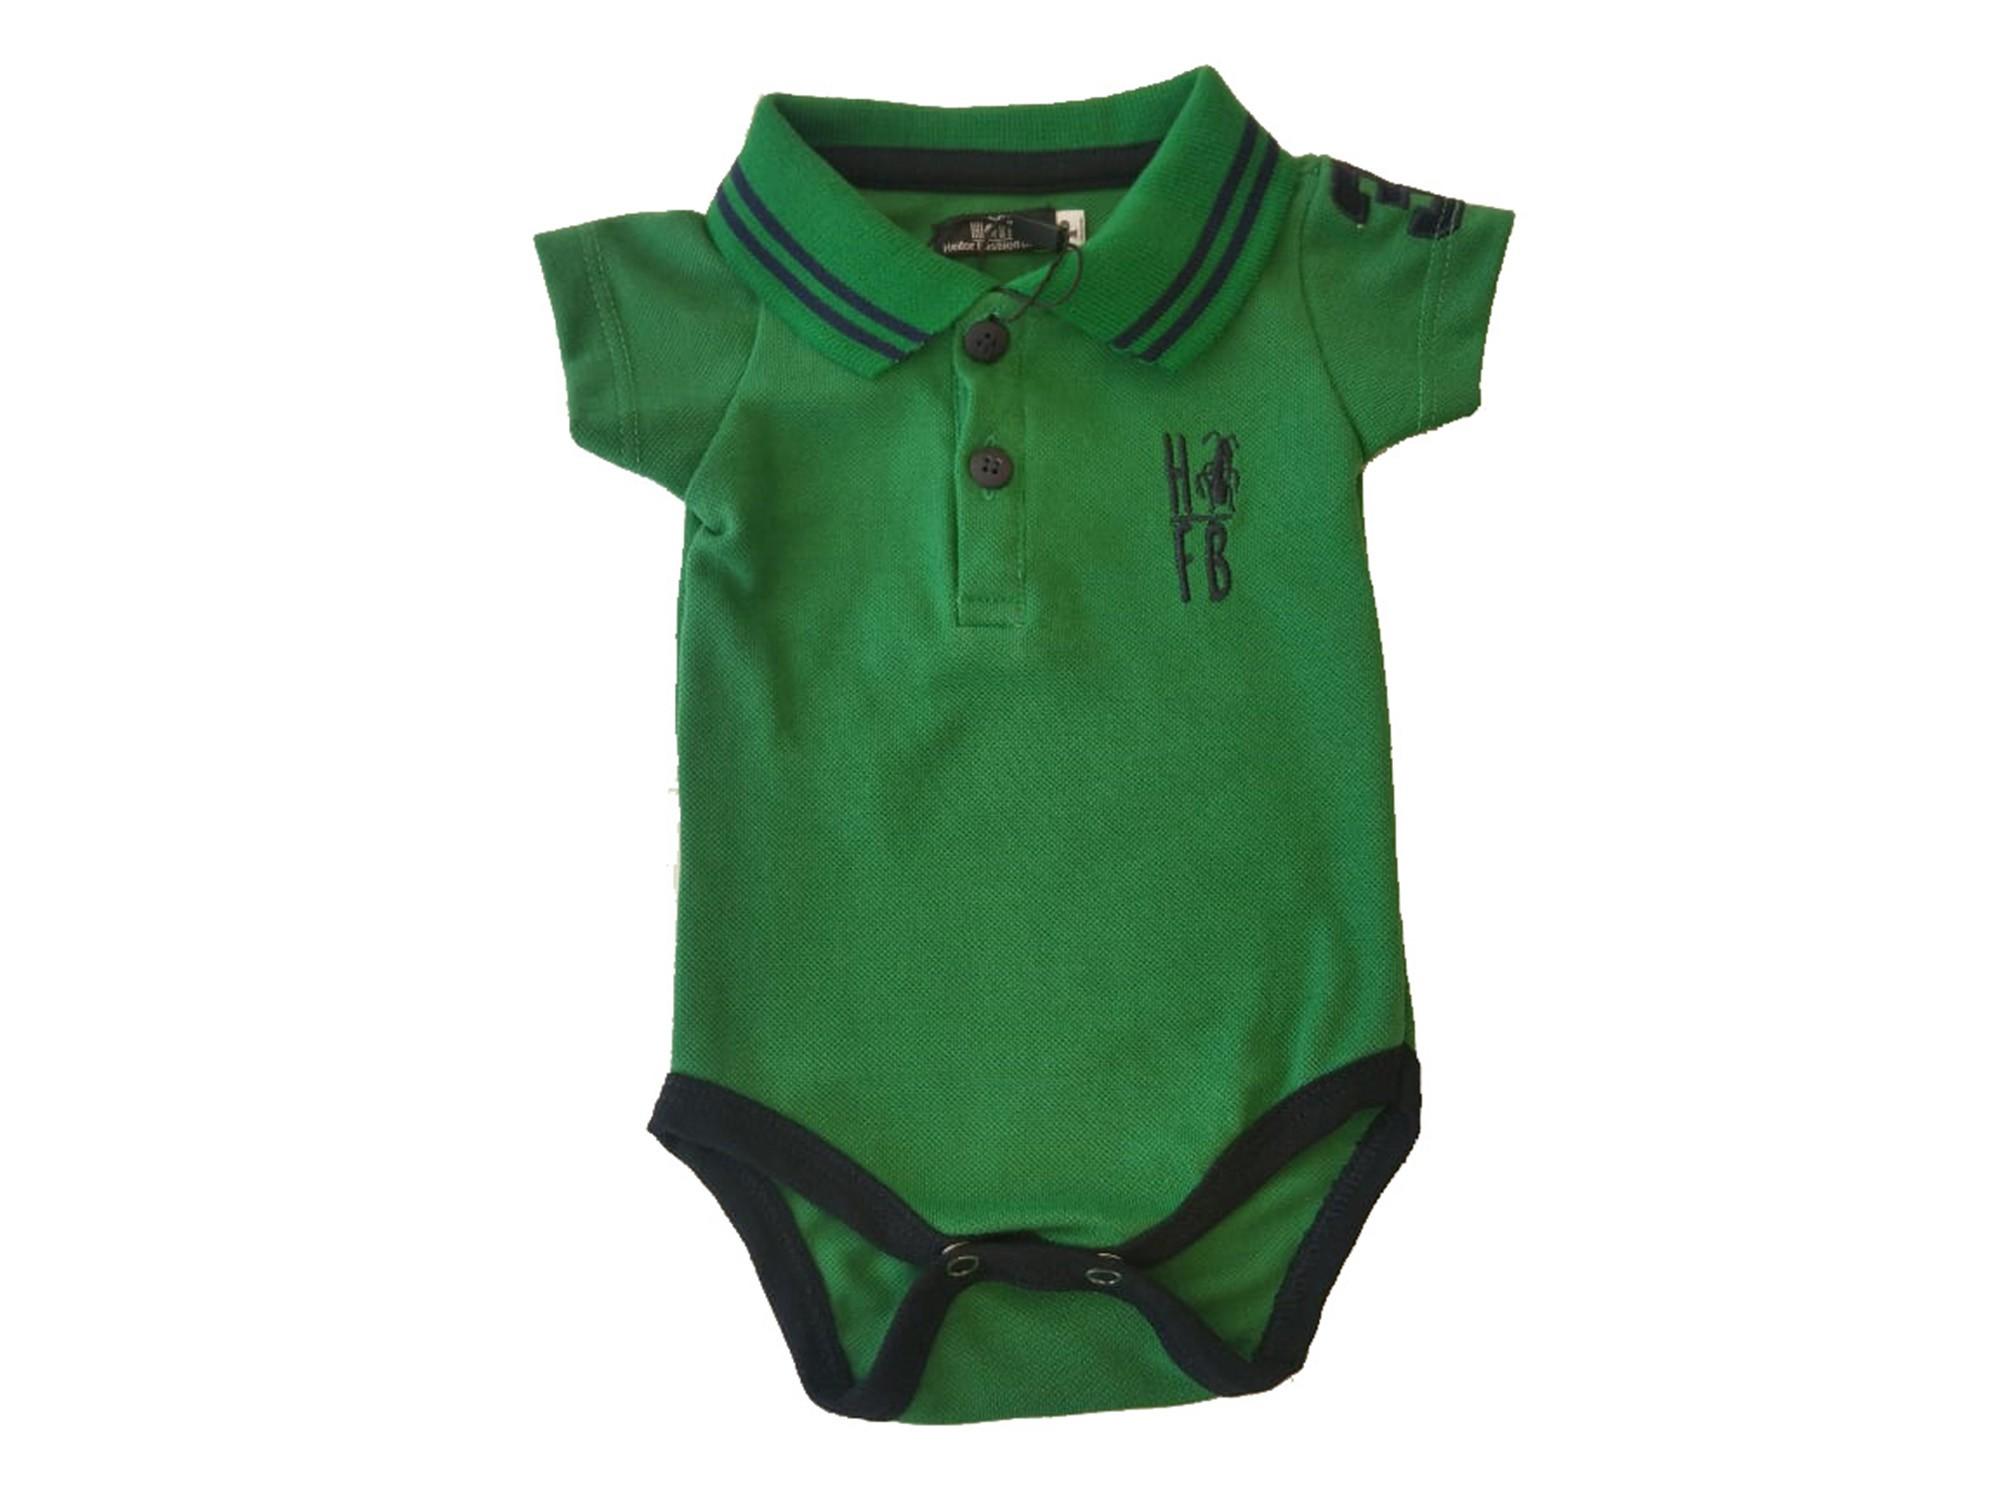 Camisa ou Body Polo Infantil Verde Esperança  - Heitor Fashion Brazil